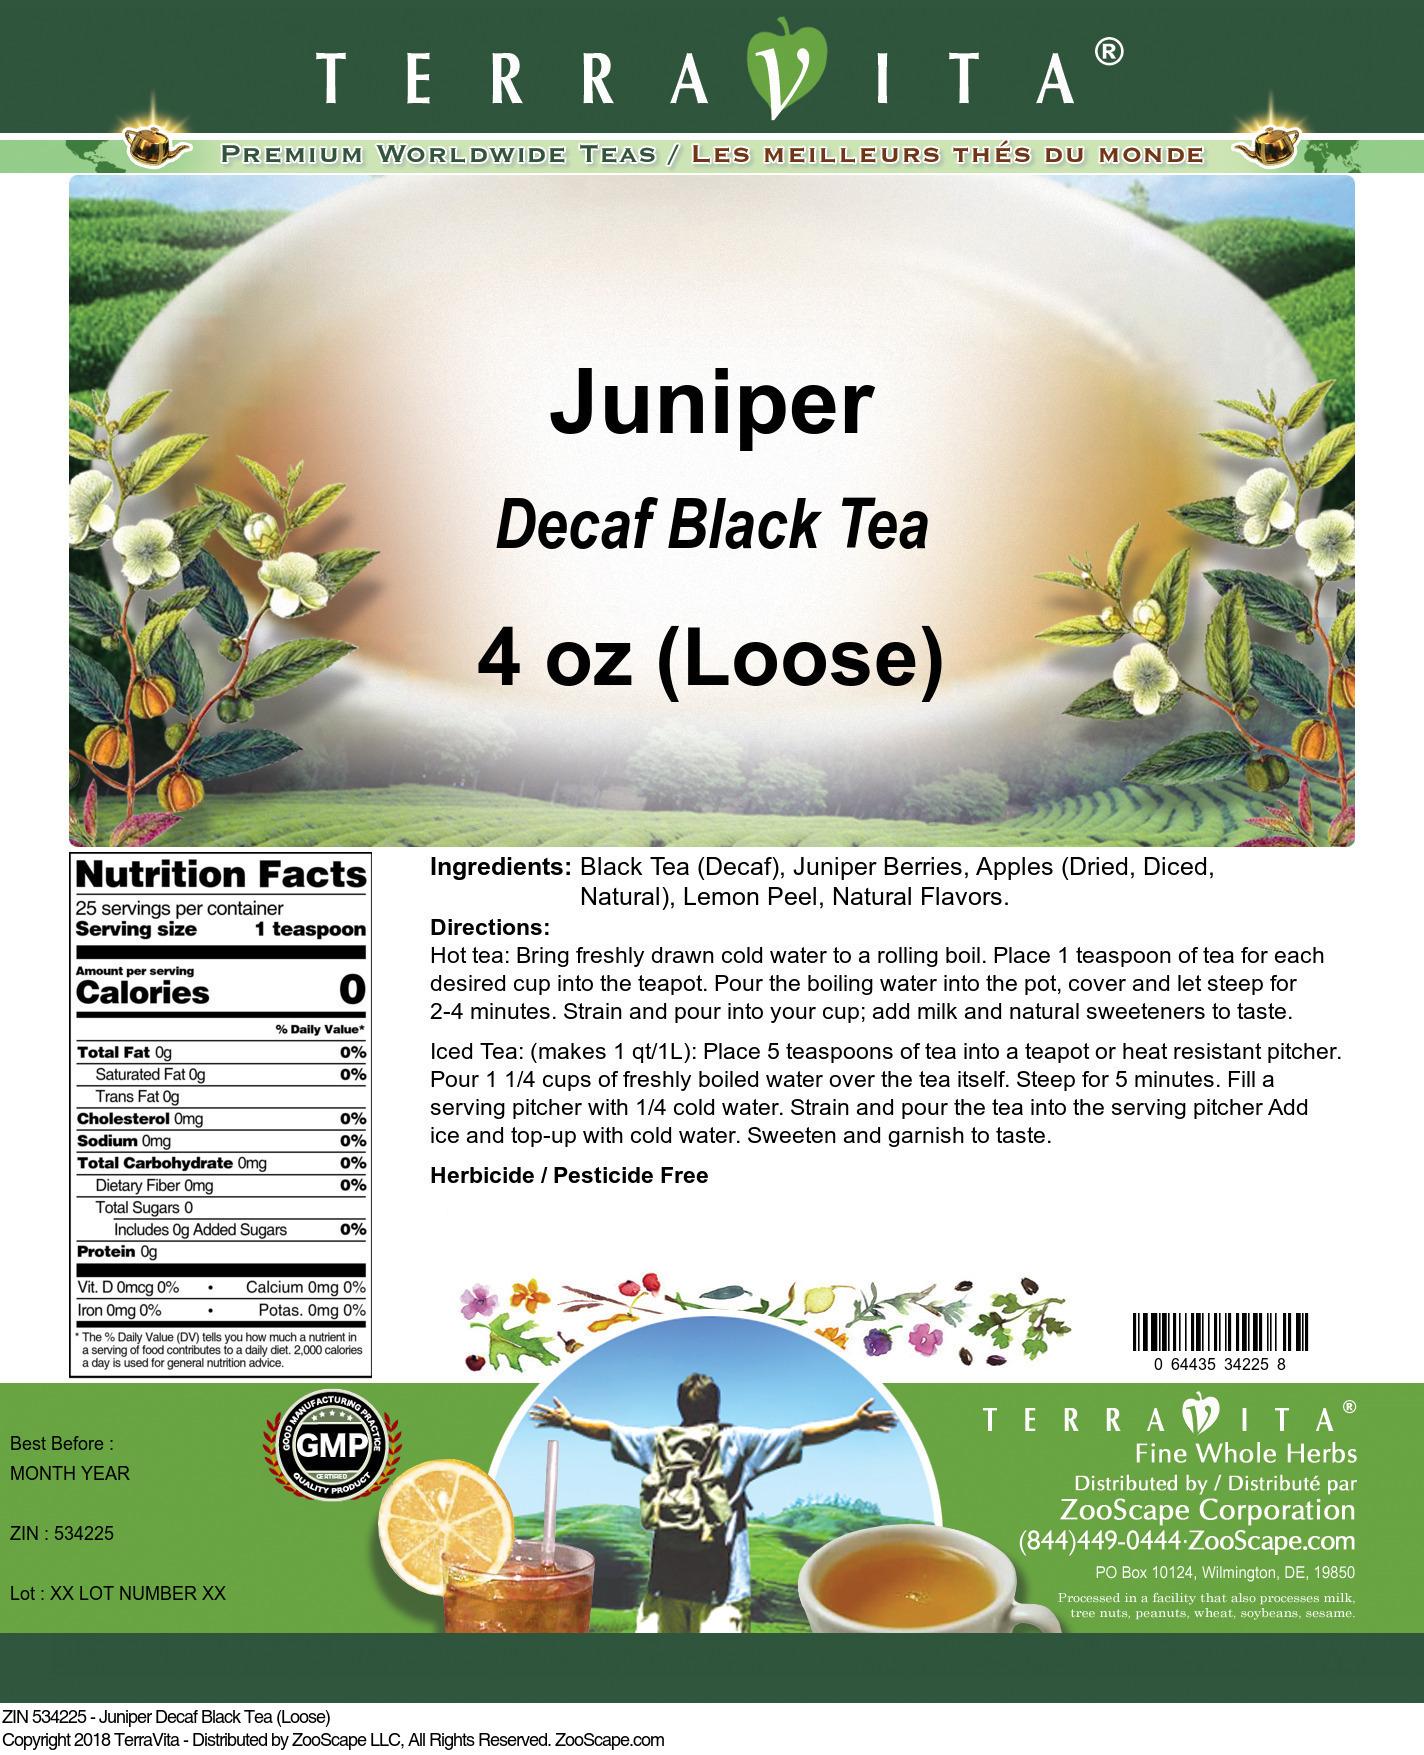 Juniper Decaf Black Tea